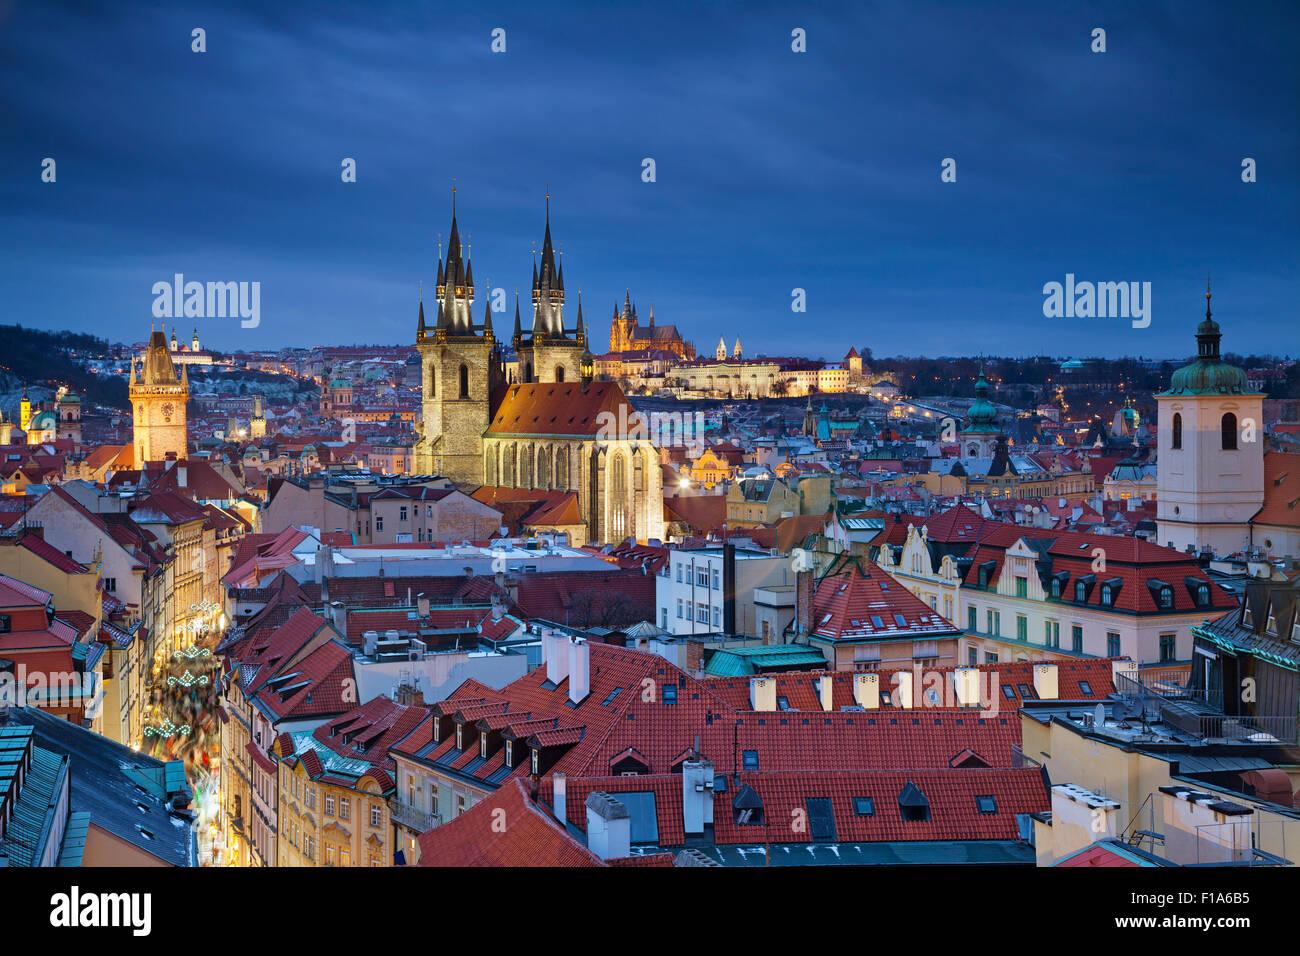 Praga. Immagine di Praga, capitale della Repubblica ceca, durante il blu crepuscolo ora. Immagini Stock